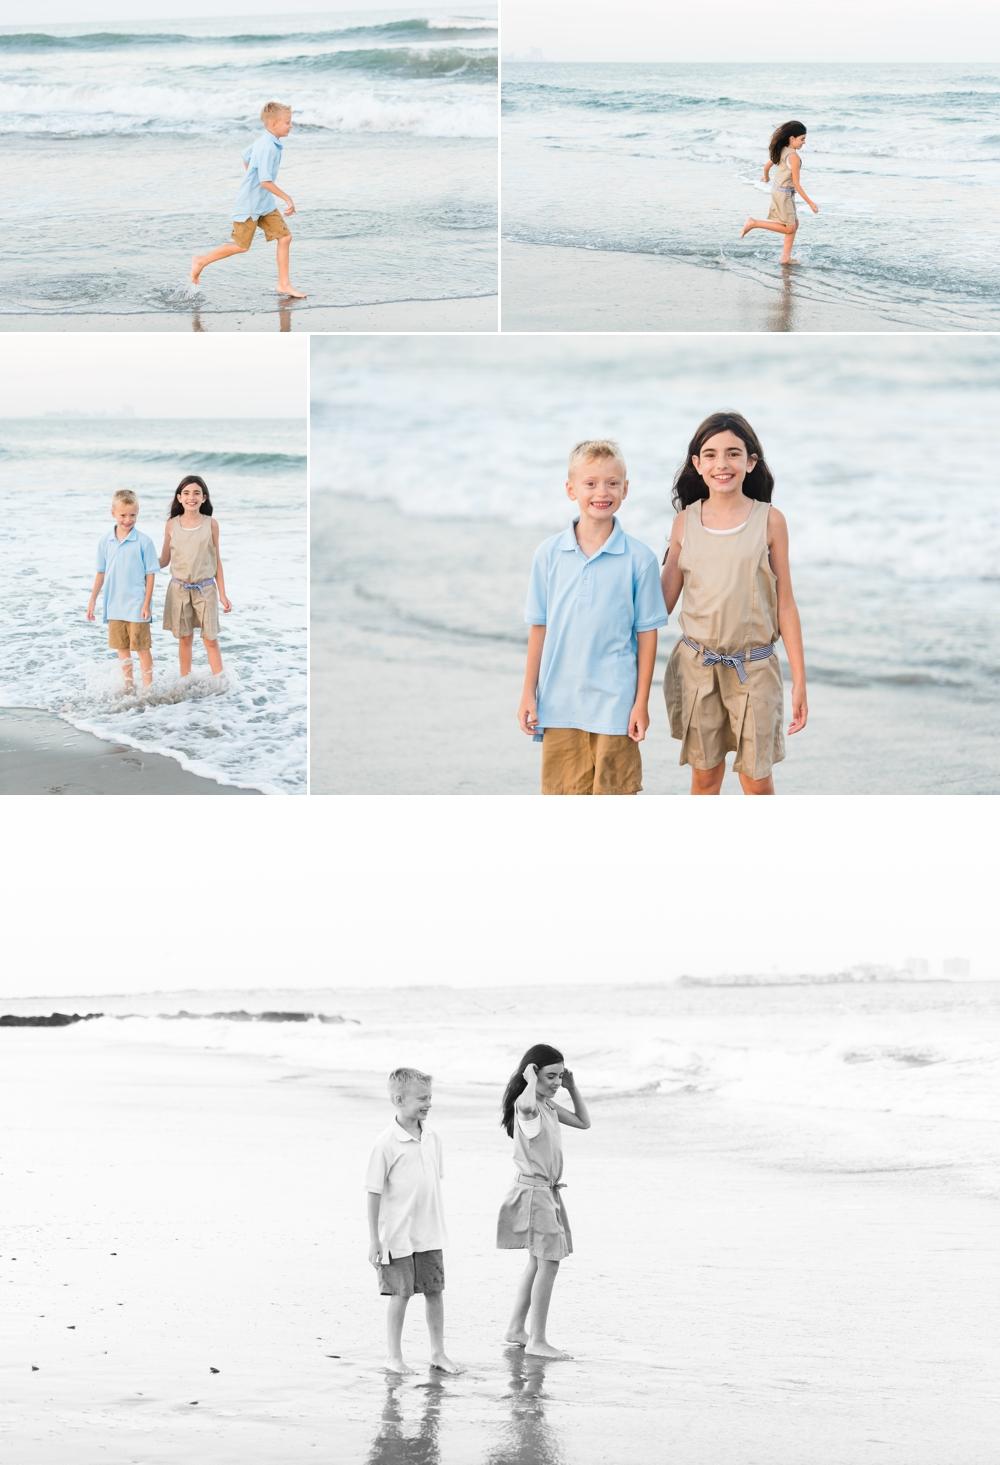 connoly beach 12.jpg